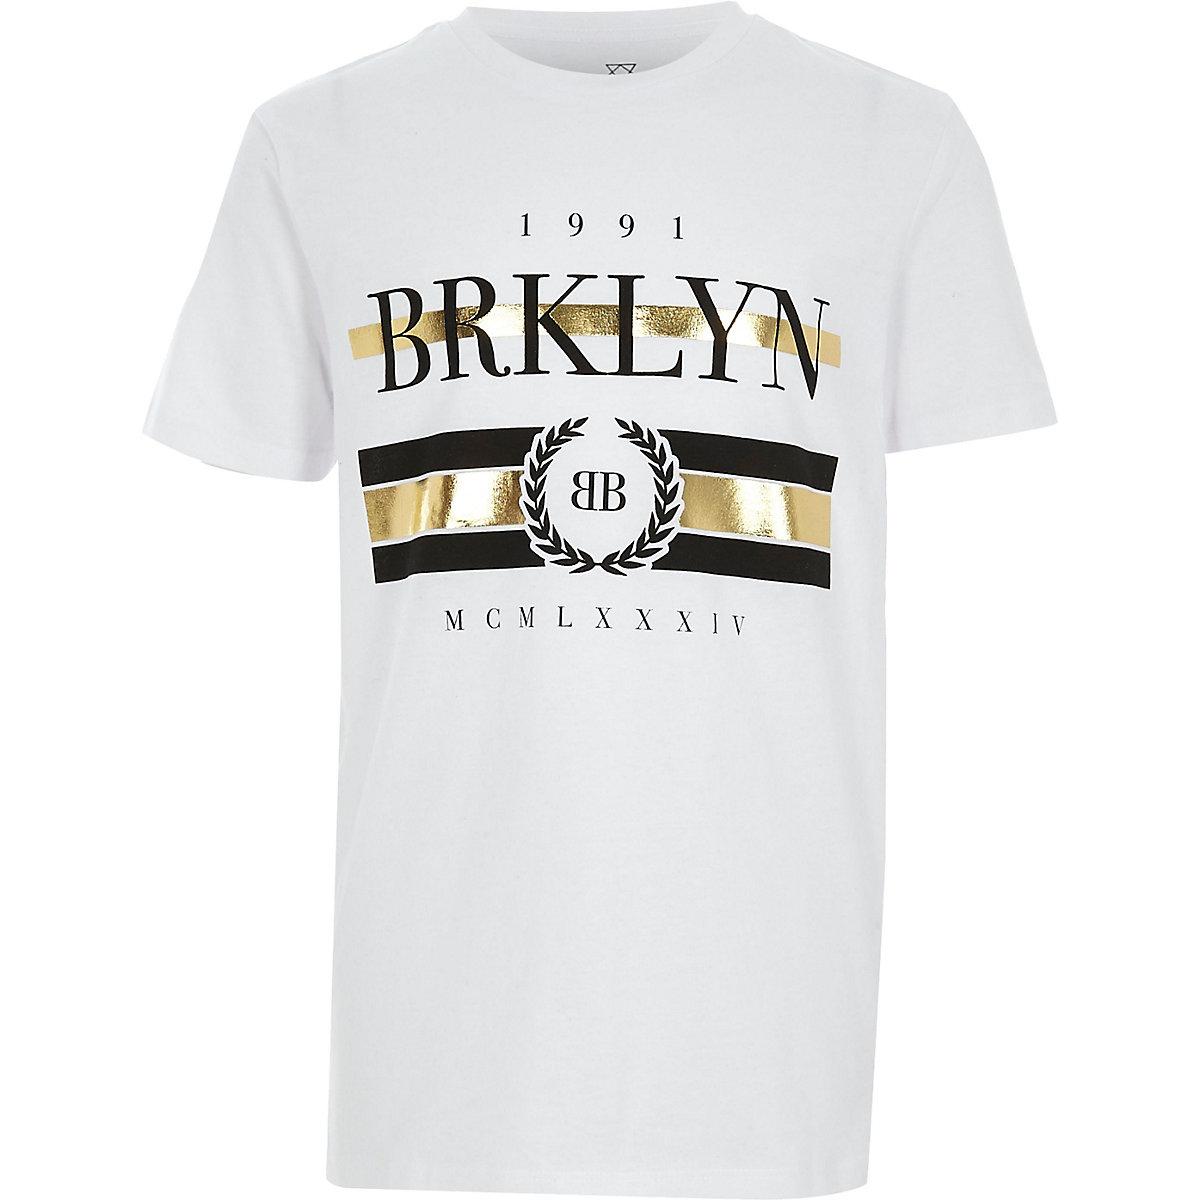 T-shirt à imprimé «Brklyn» métallisé blanc pour garçon